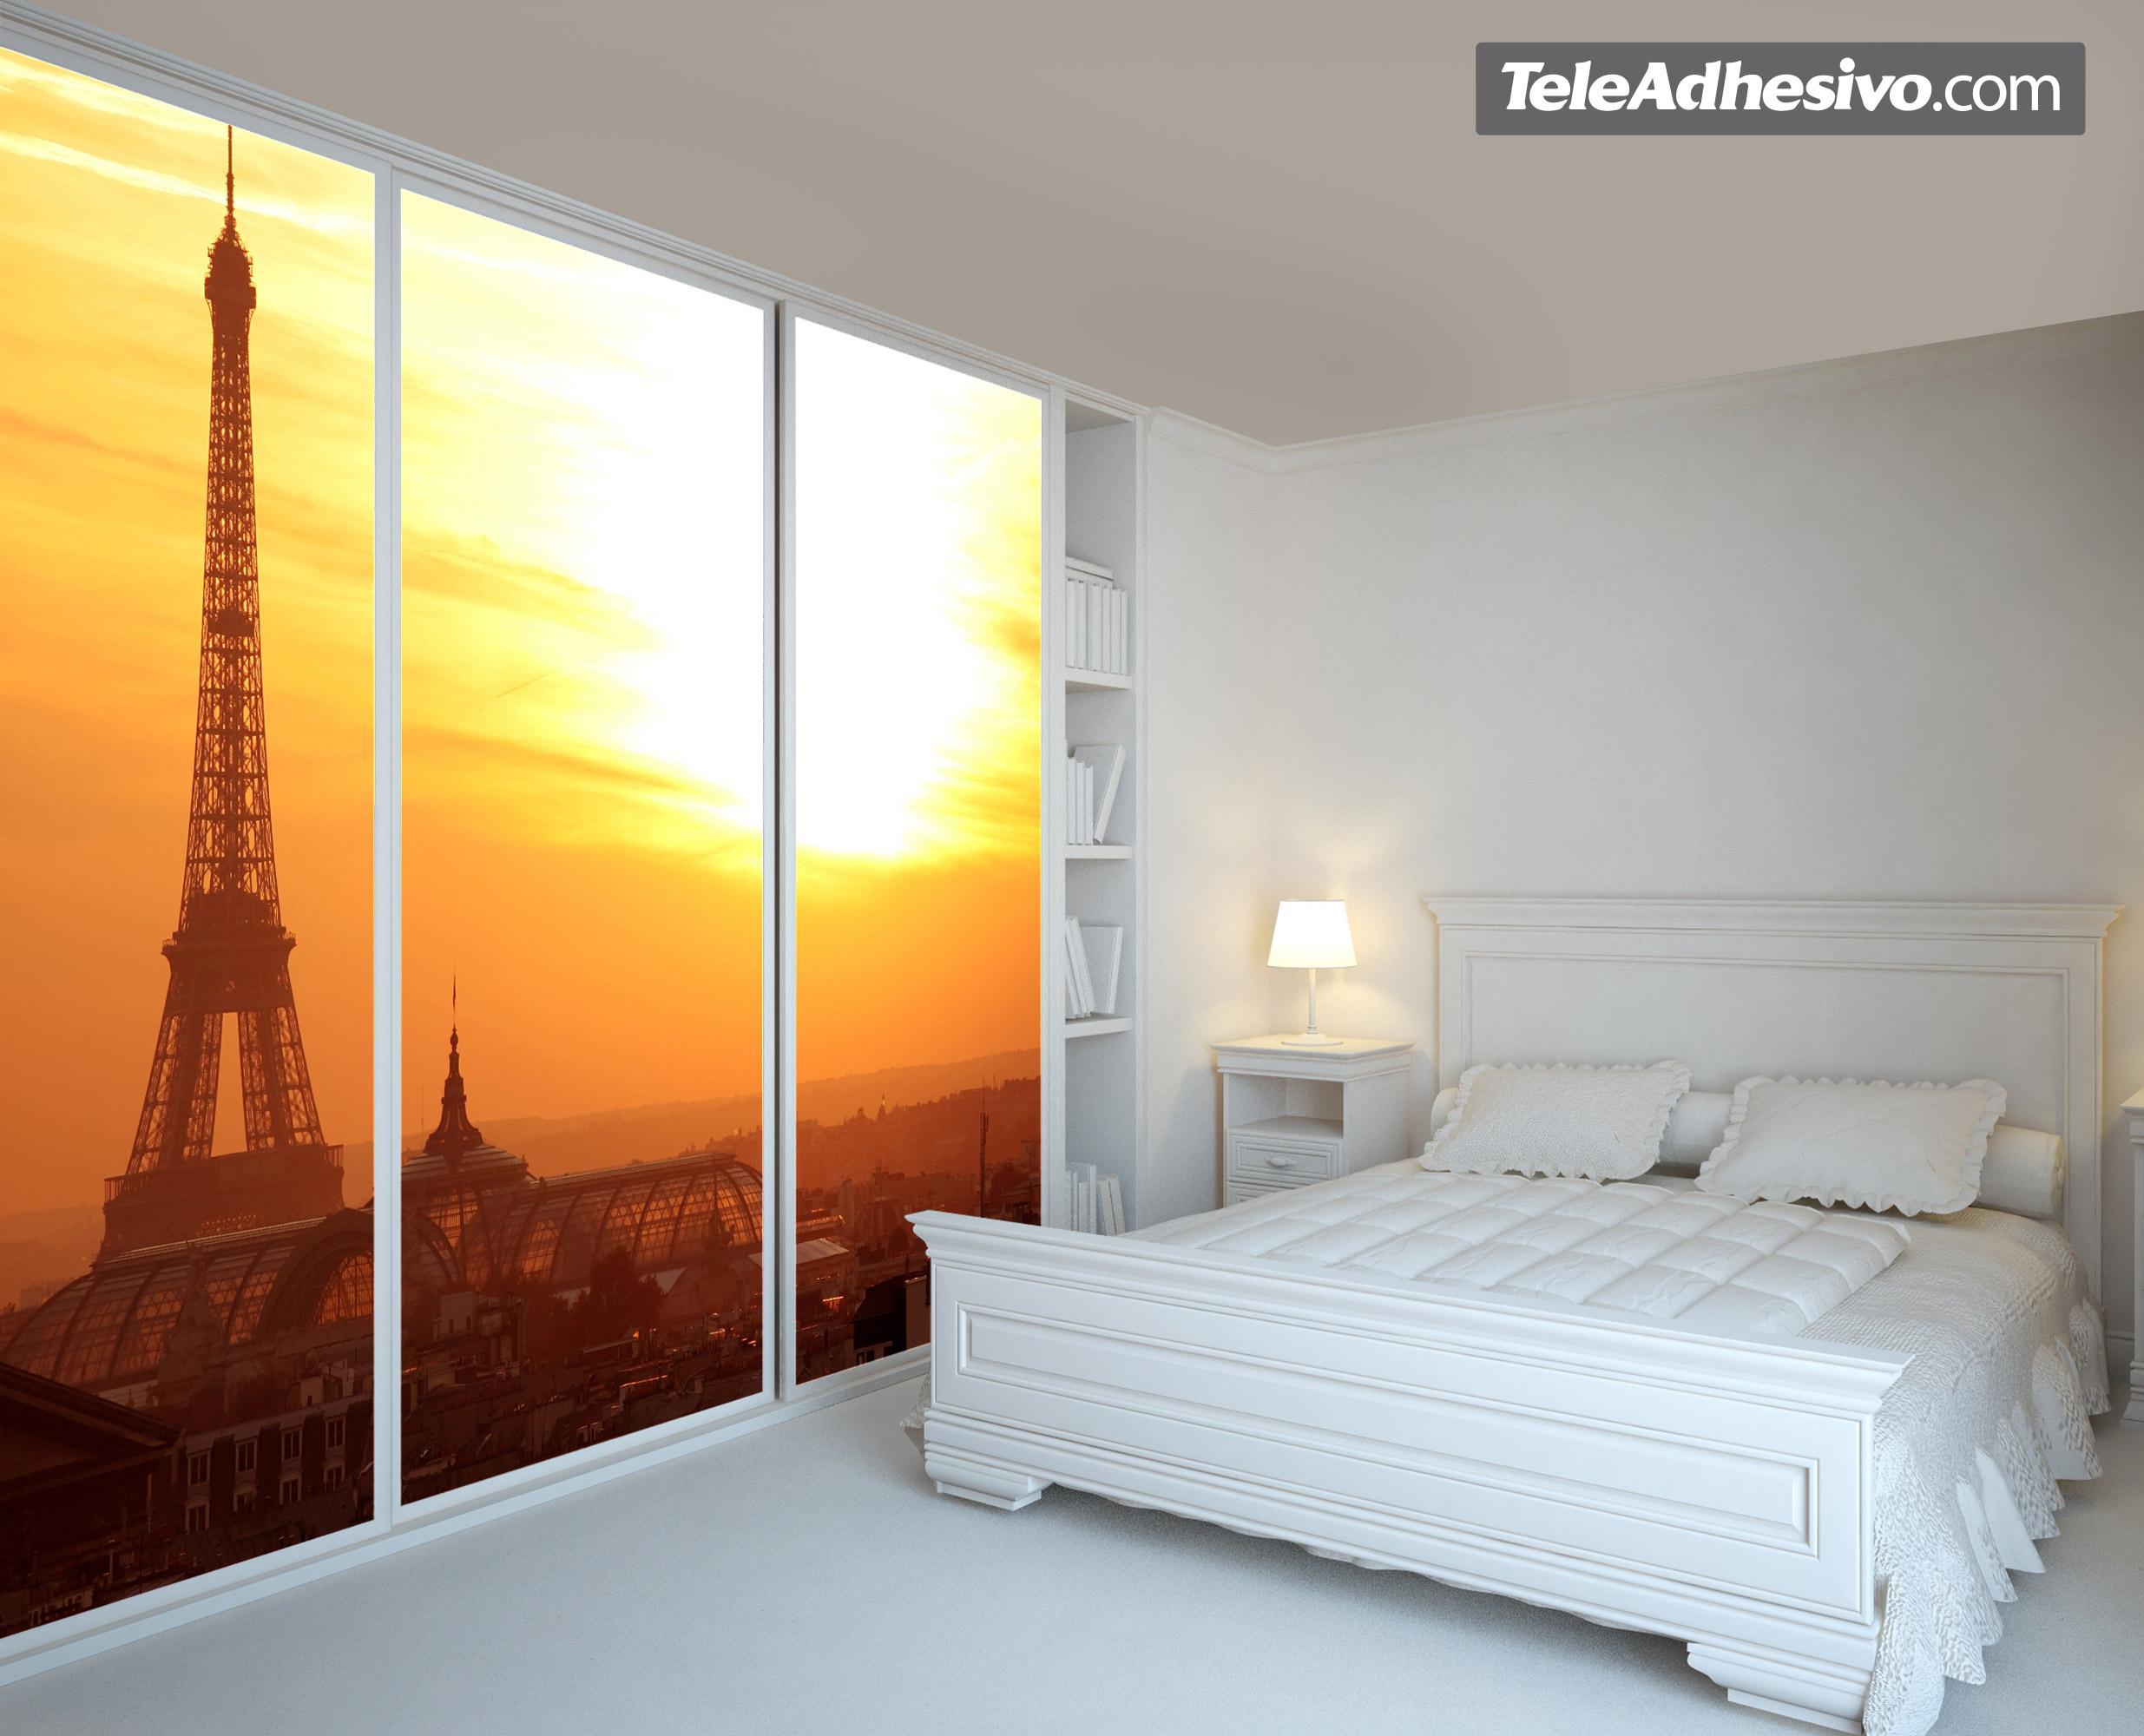 Fototapeten: Eiffel 2